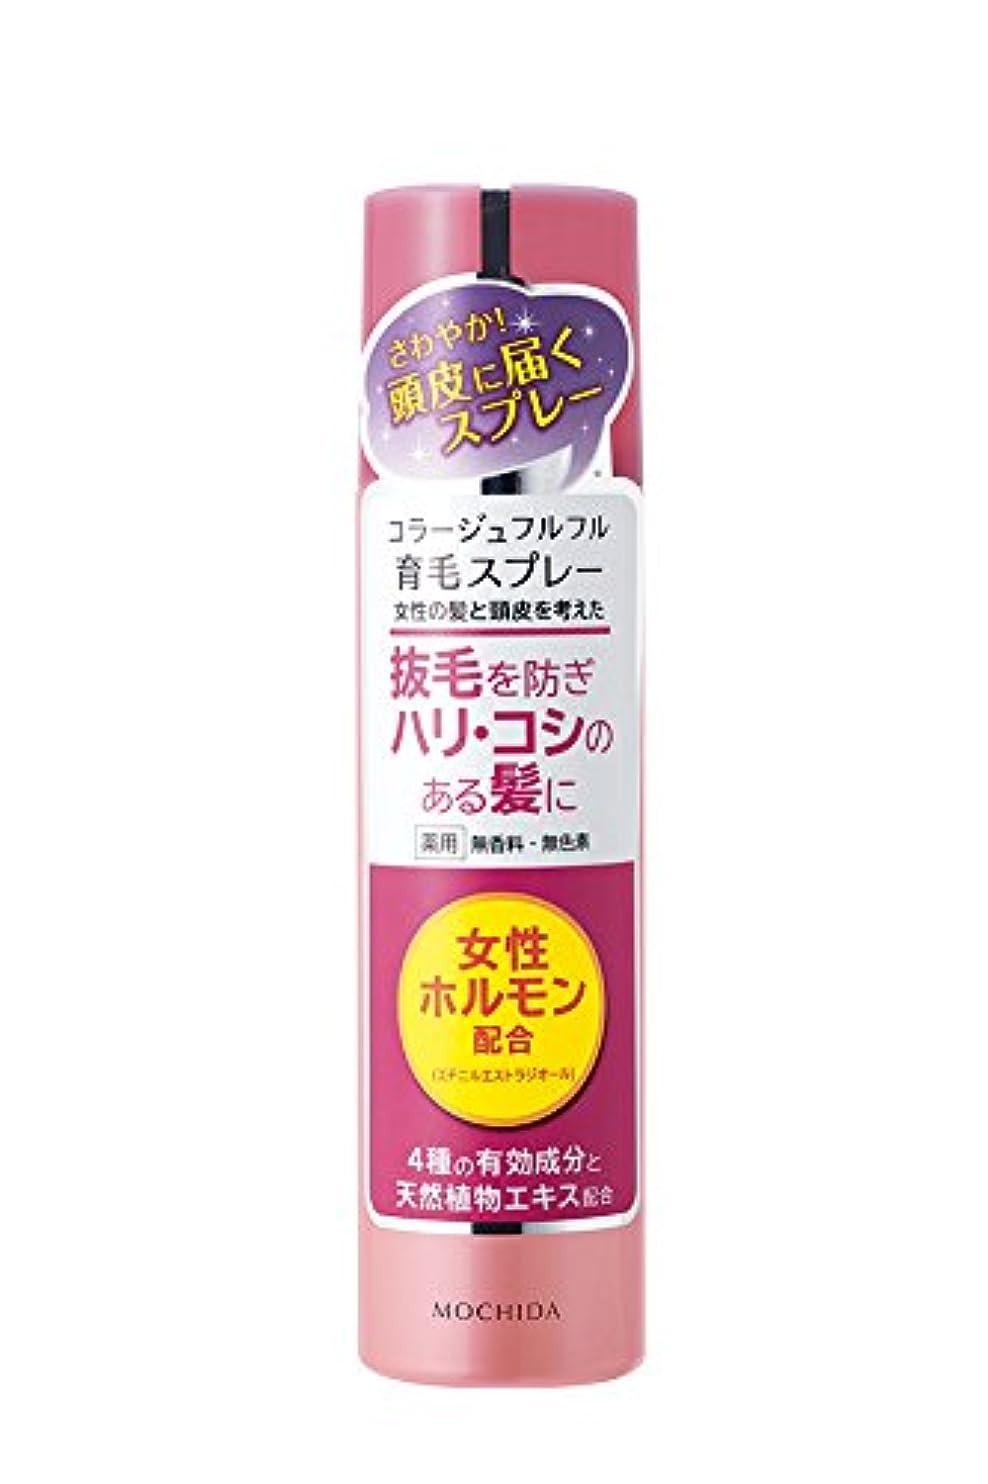 吸収剤暗殺する抗議持田ヘルスケア コラージュフルフル 育毛スプレー 150g